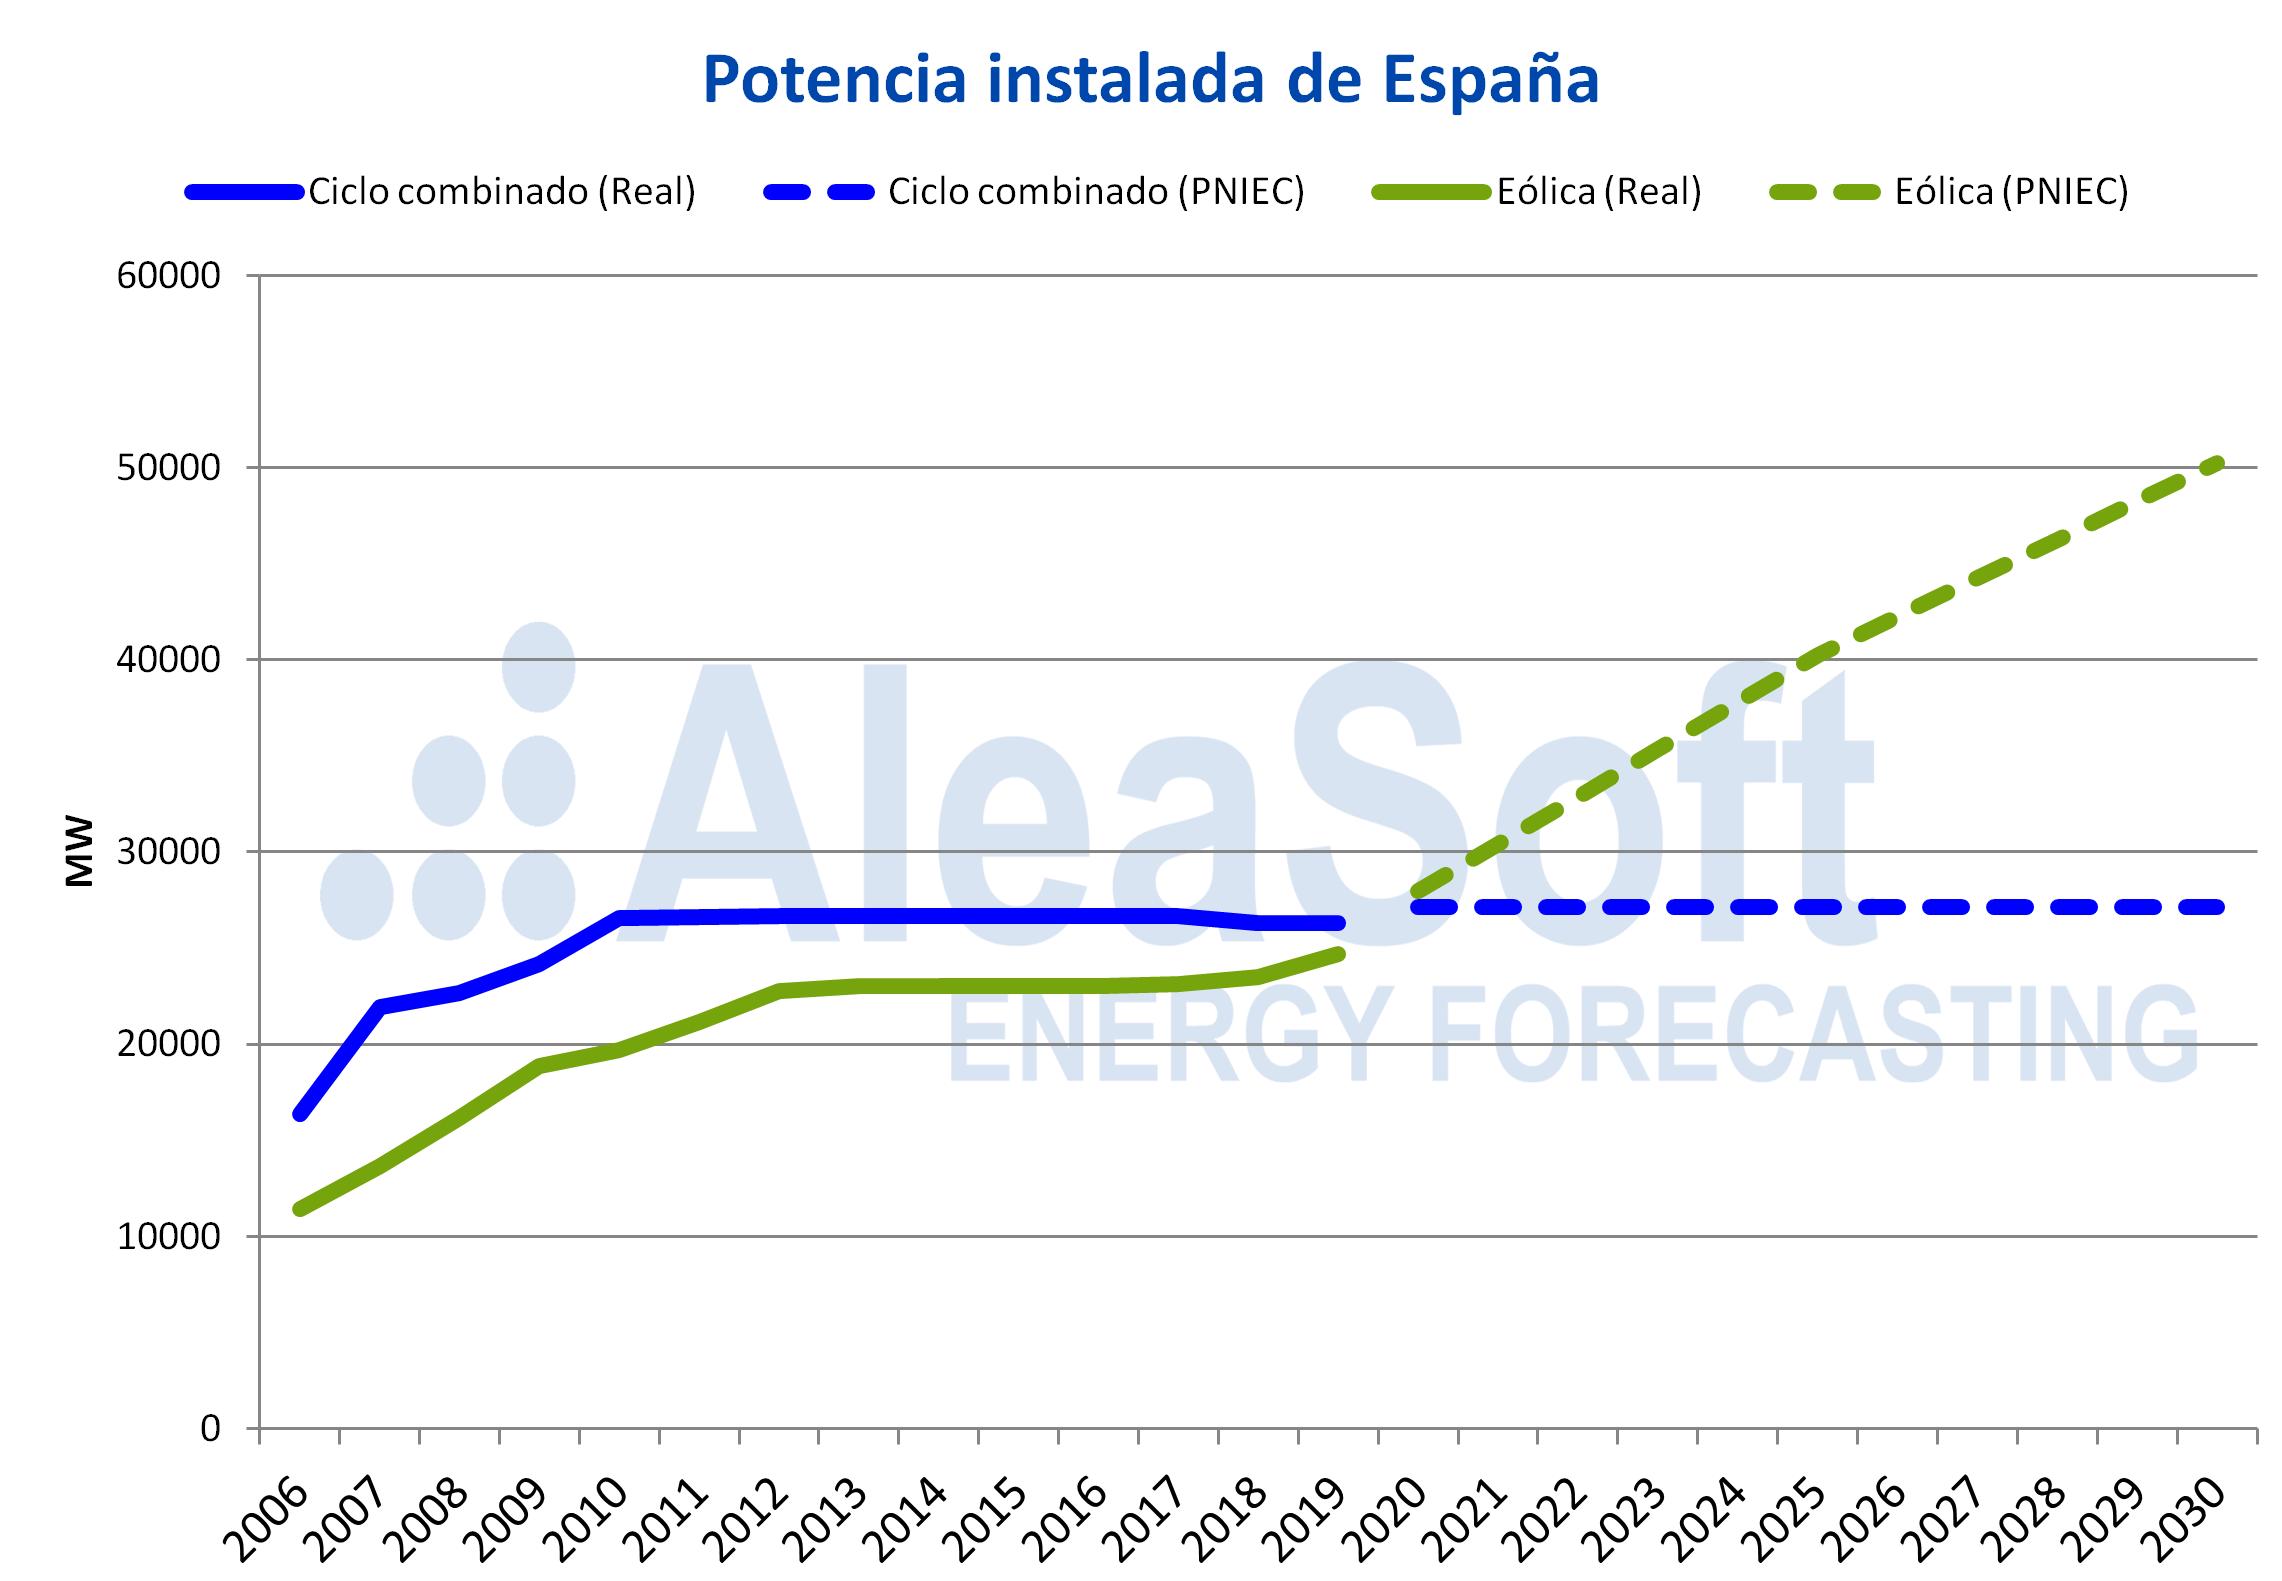 AleaSoft - Potencia instalada ciclos combinados eolica España